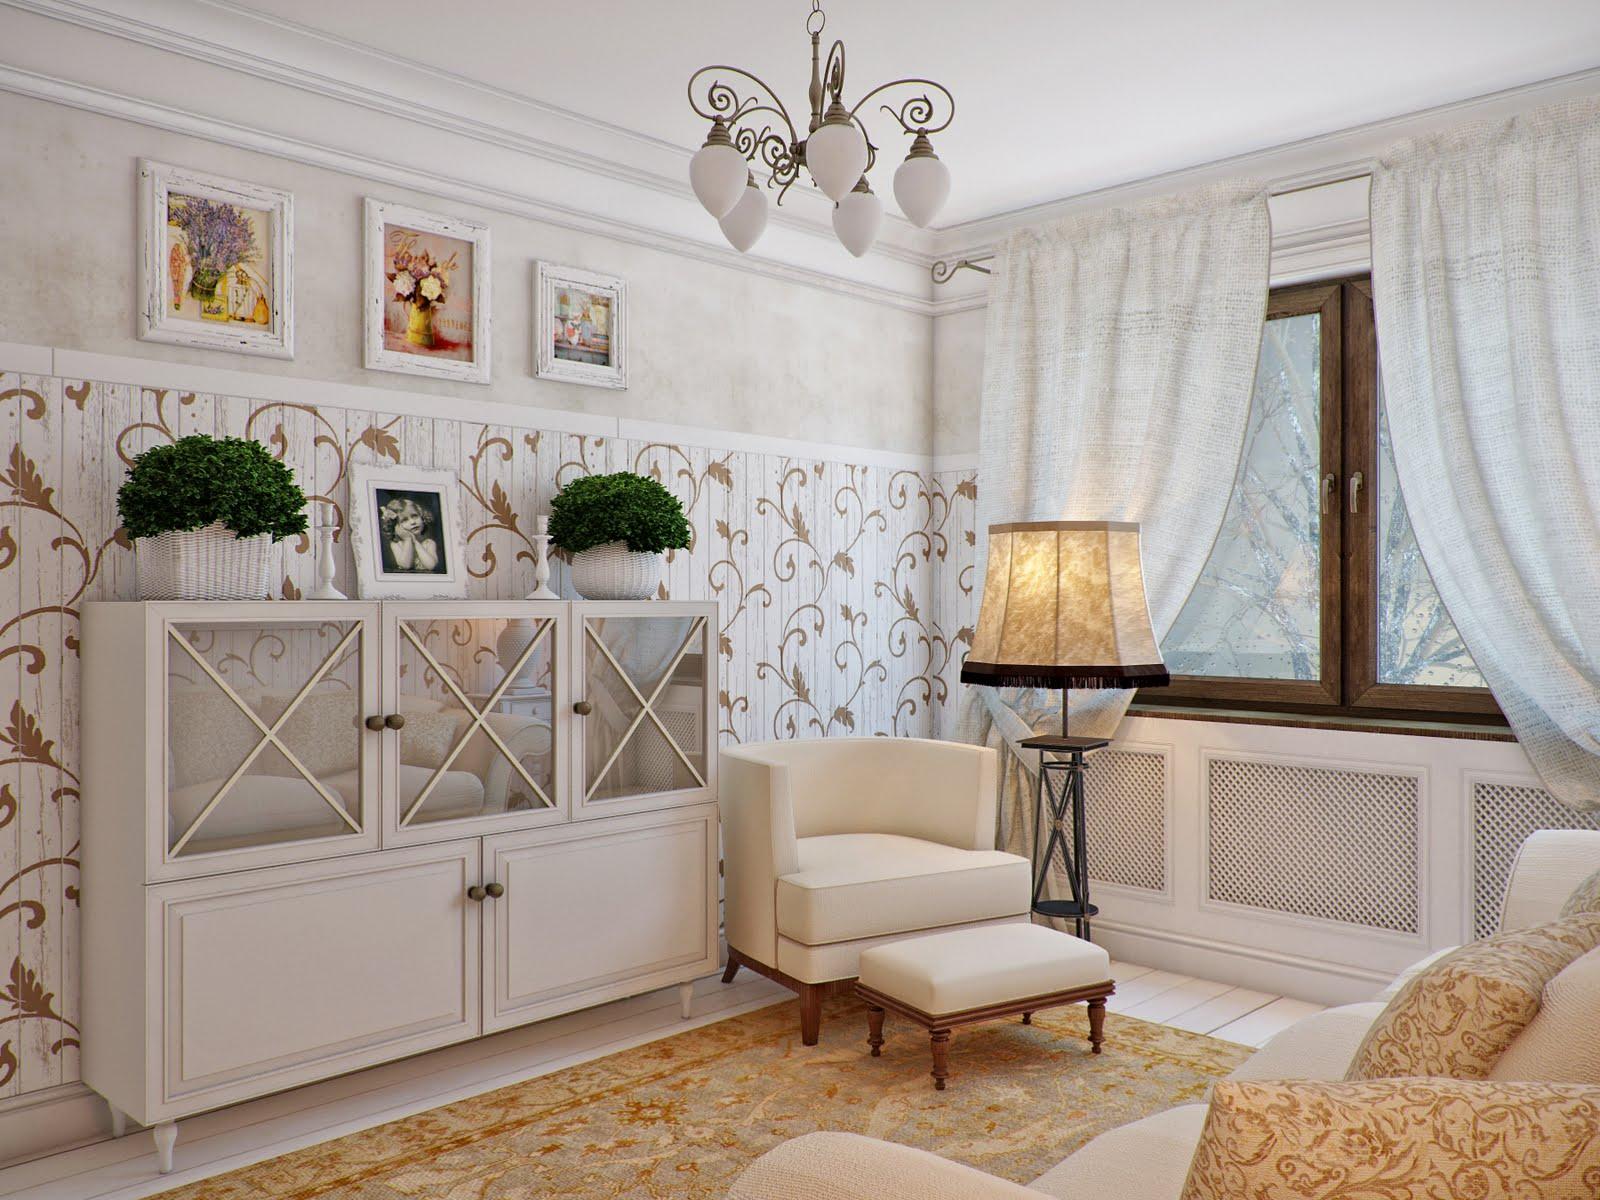 Гостиная в стиле прованс выглядит нежно и романтично